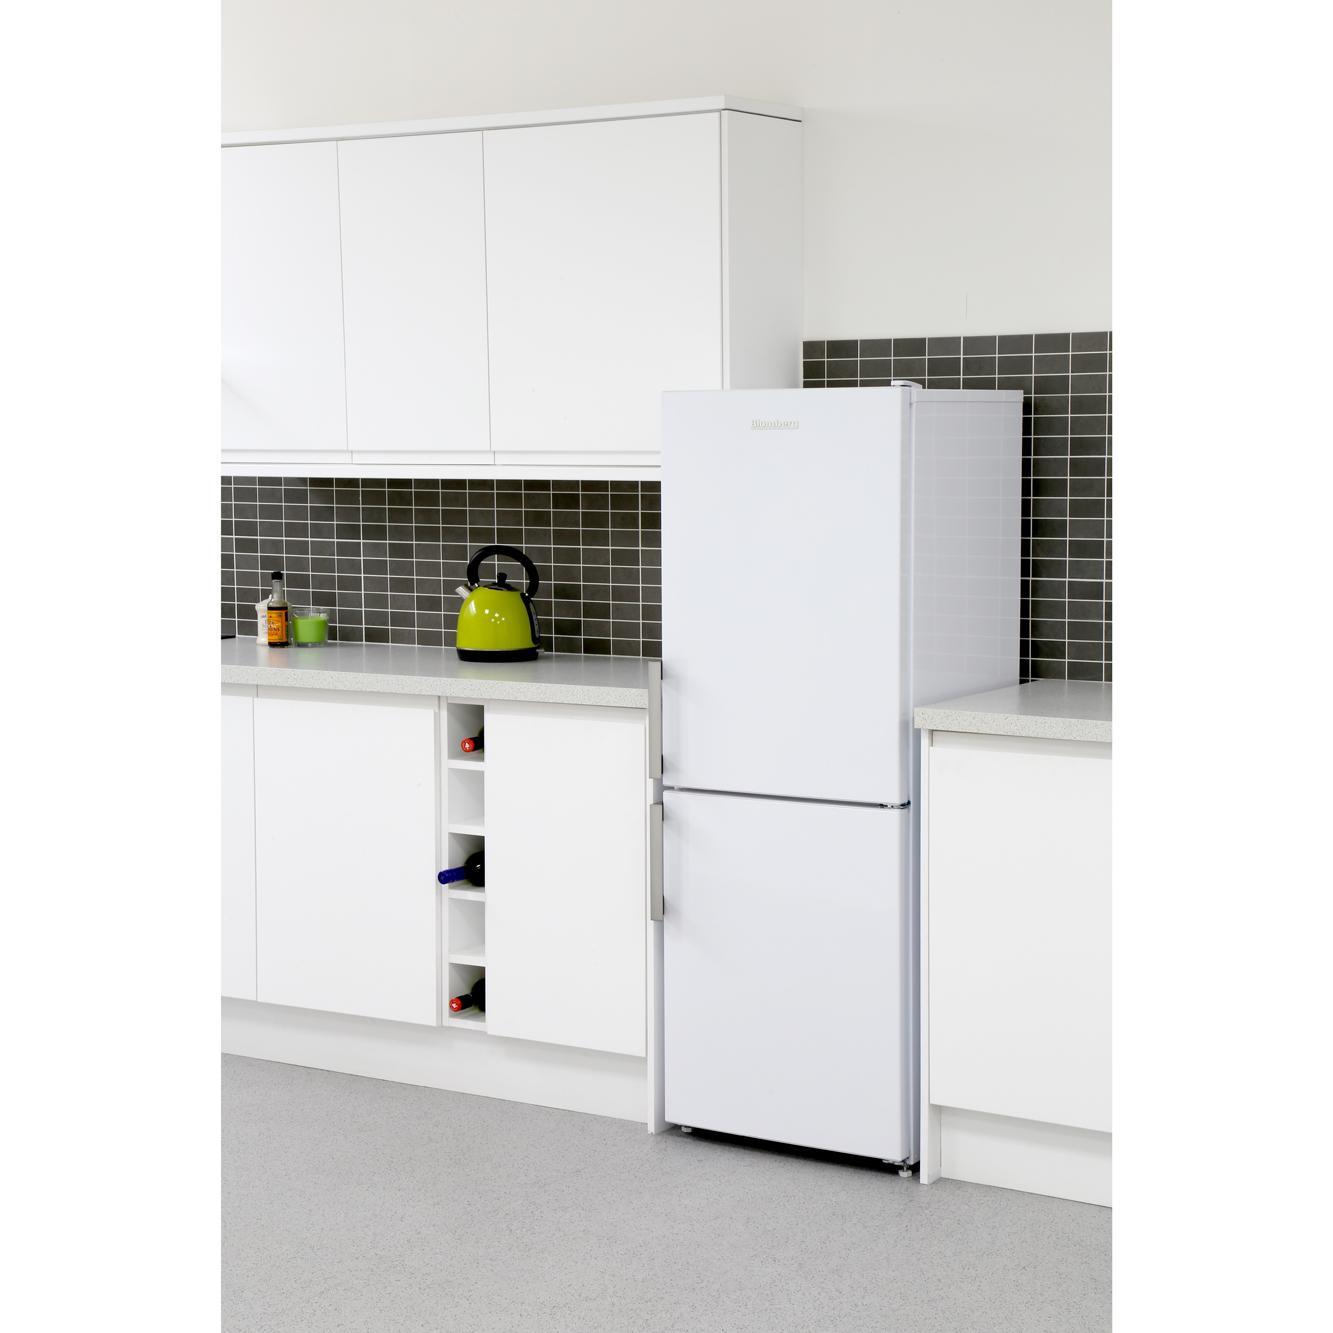 Blomberg Kgm4530 Frost Free Fridge Freezer White Herne